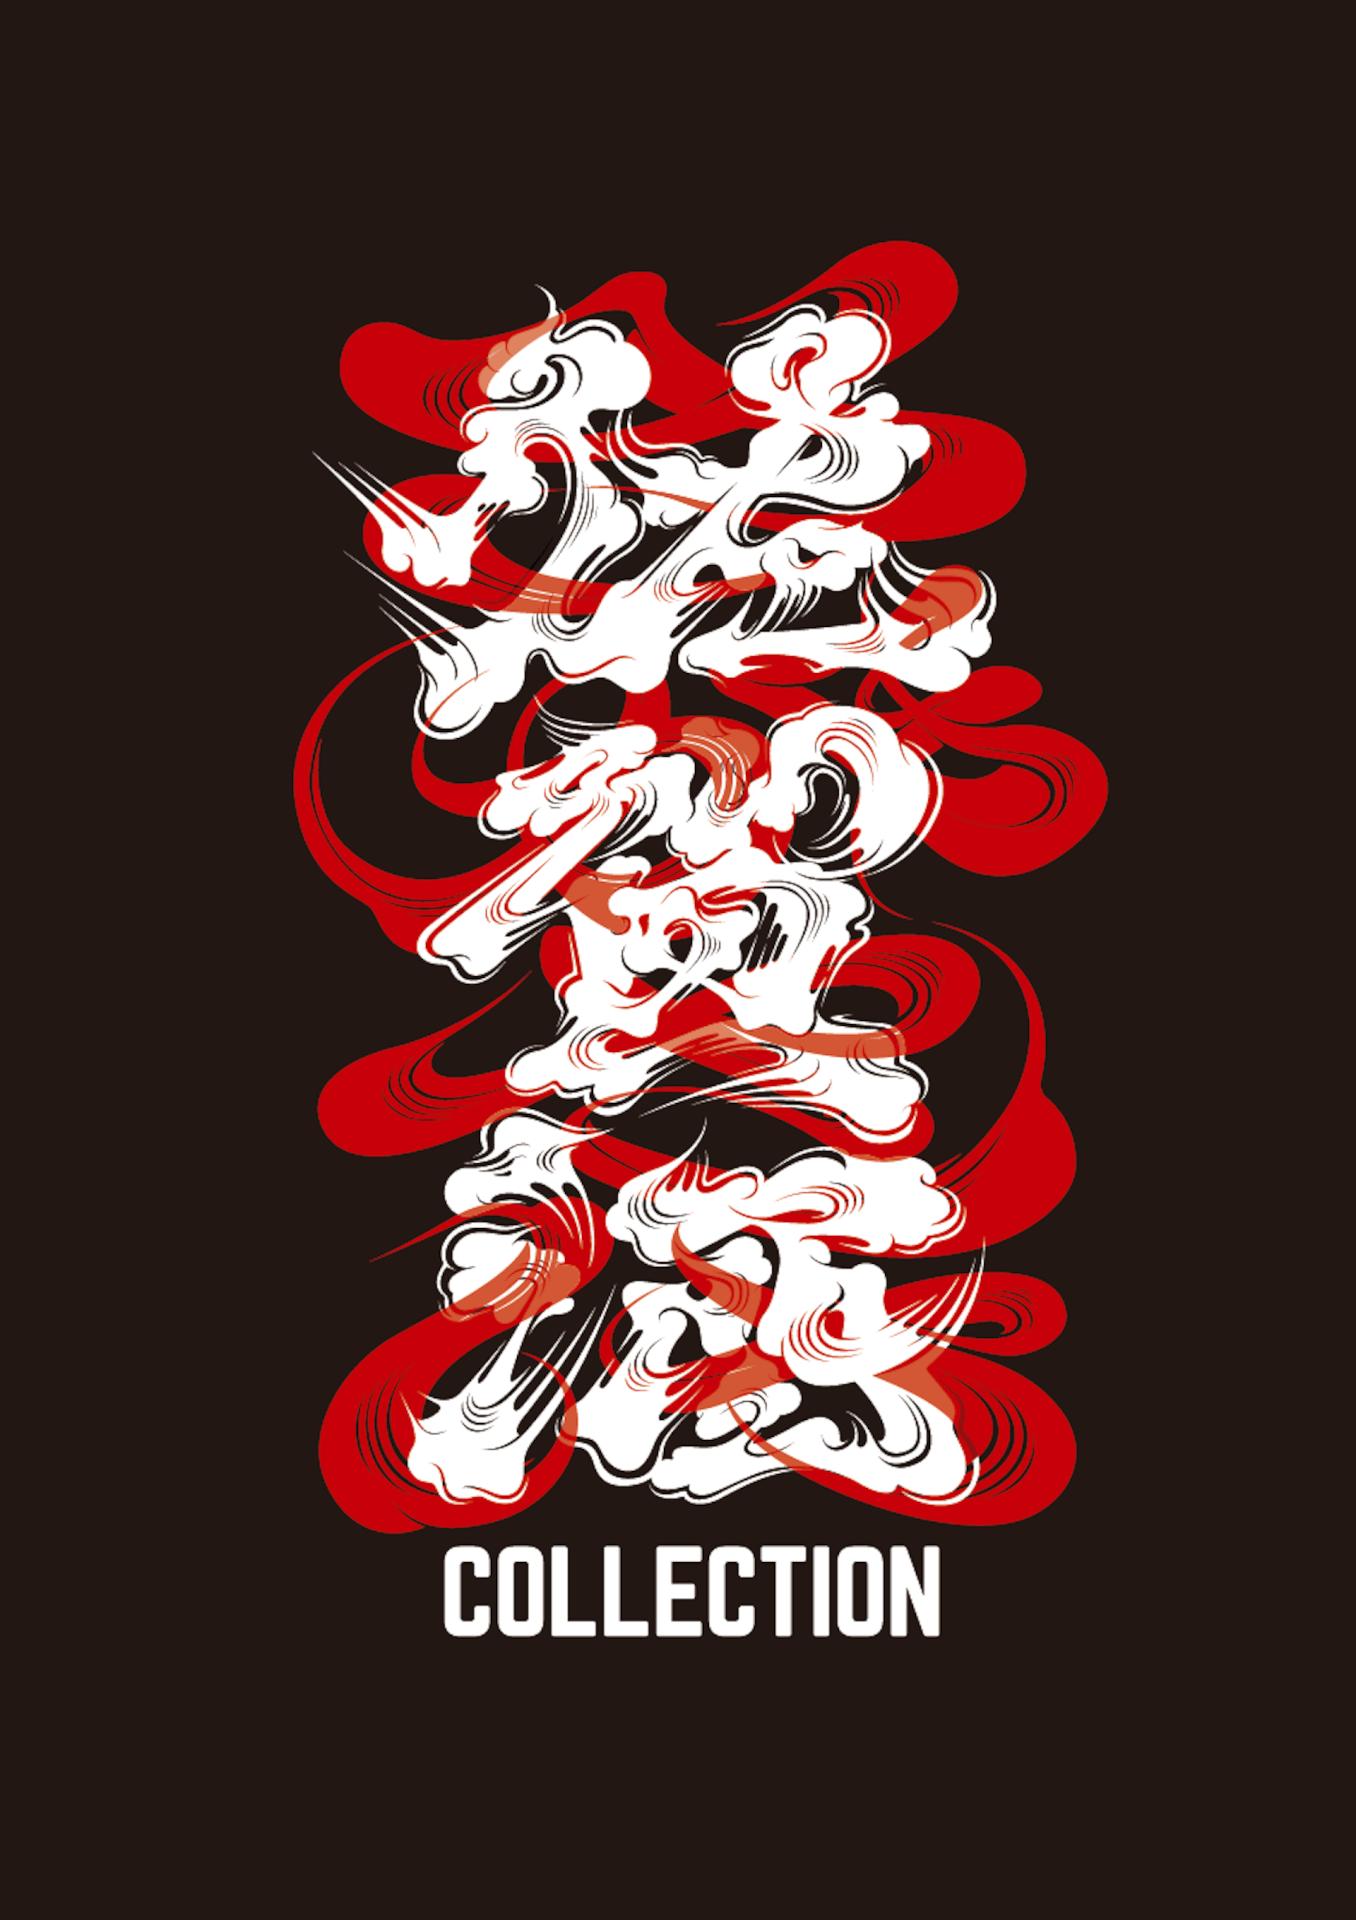 佐賀県×atmosのコラボコレクション『SAGA SAKE COLLECTION』が販売決定!オリジナルグッズや限定ラベルの日本酒なども culture2020917-atoms6